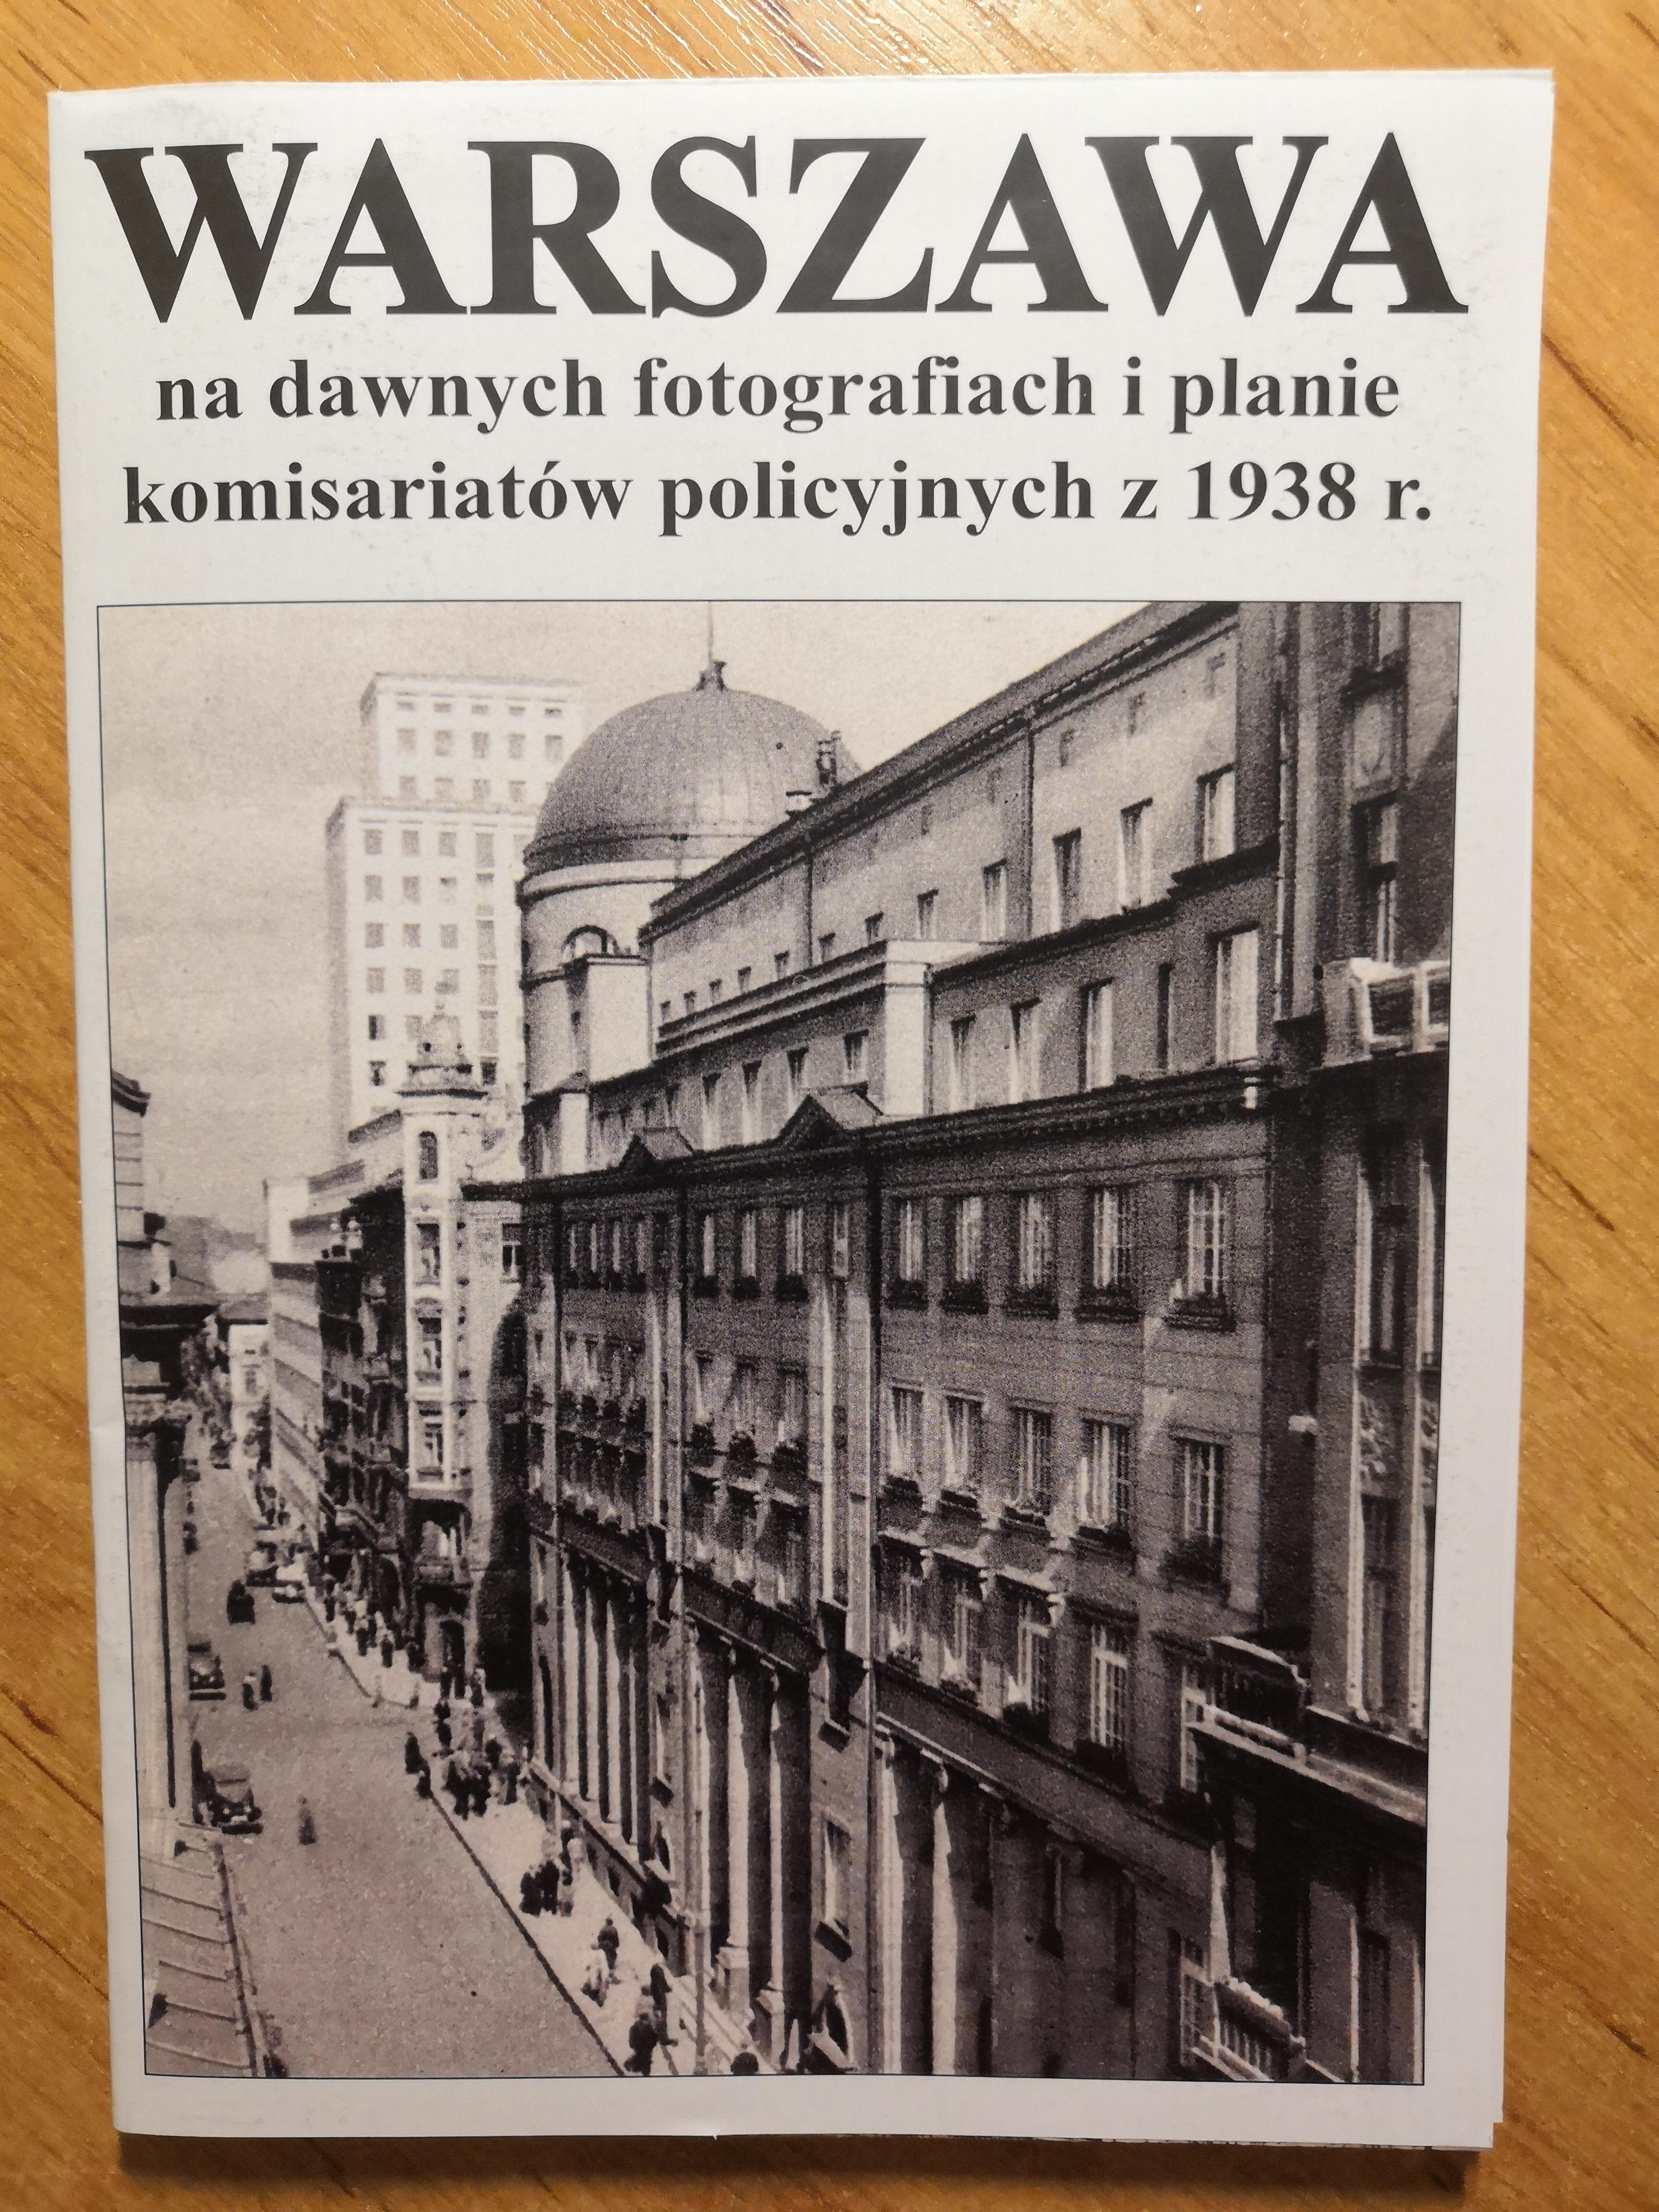 Warszawa na dawnych fotografiach i planie komisariatów policyjnych z 1938 r. (J.A.Krawczyk)